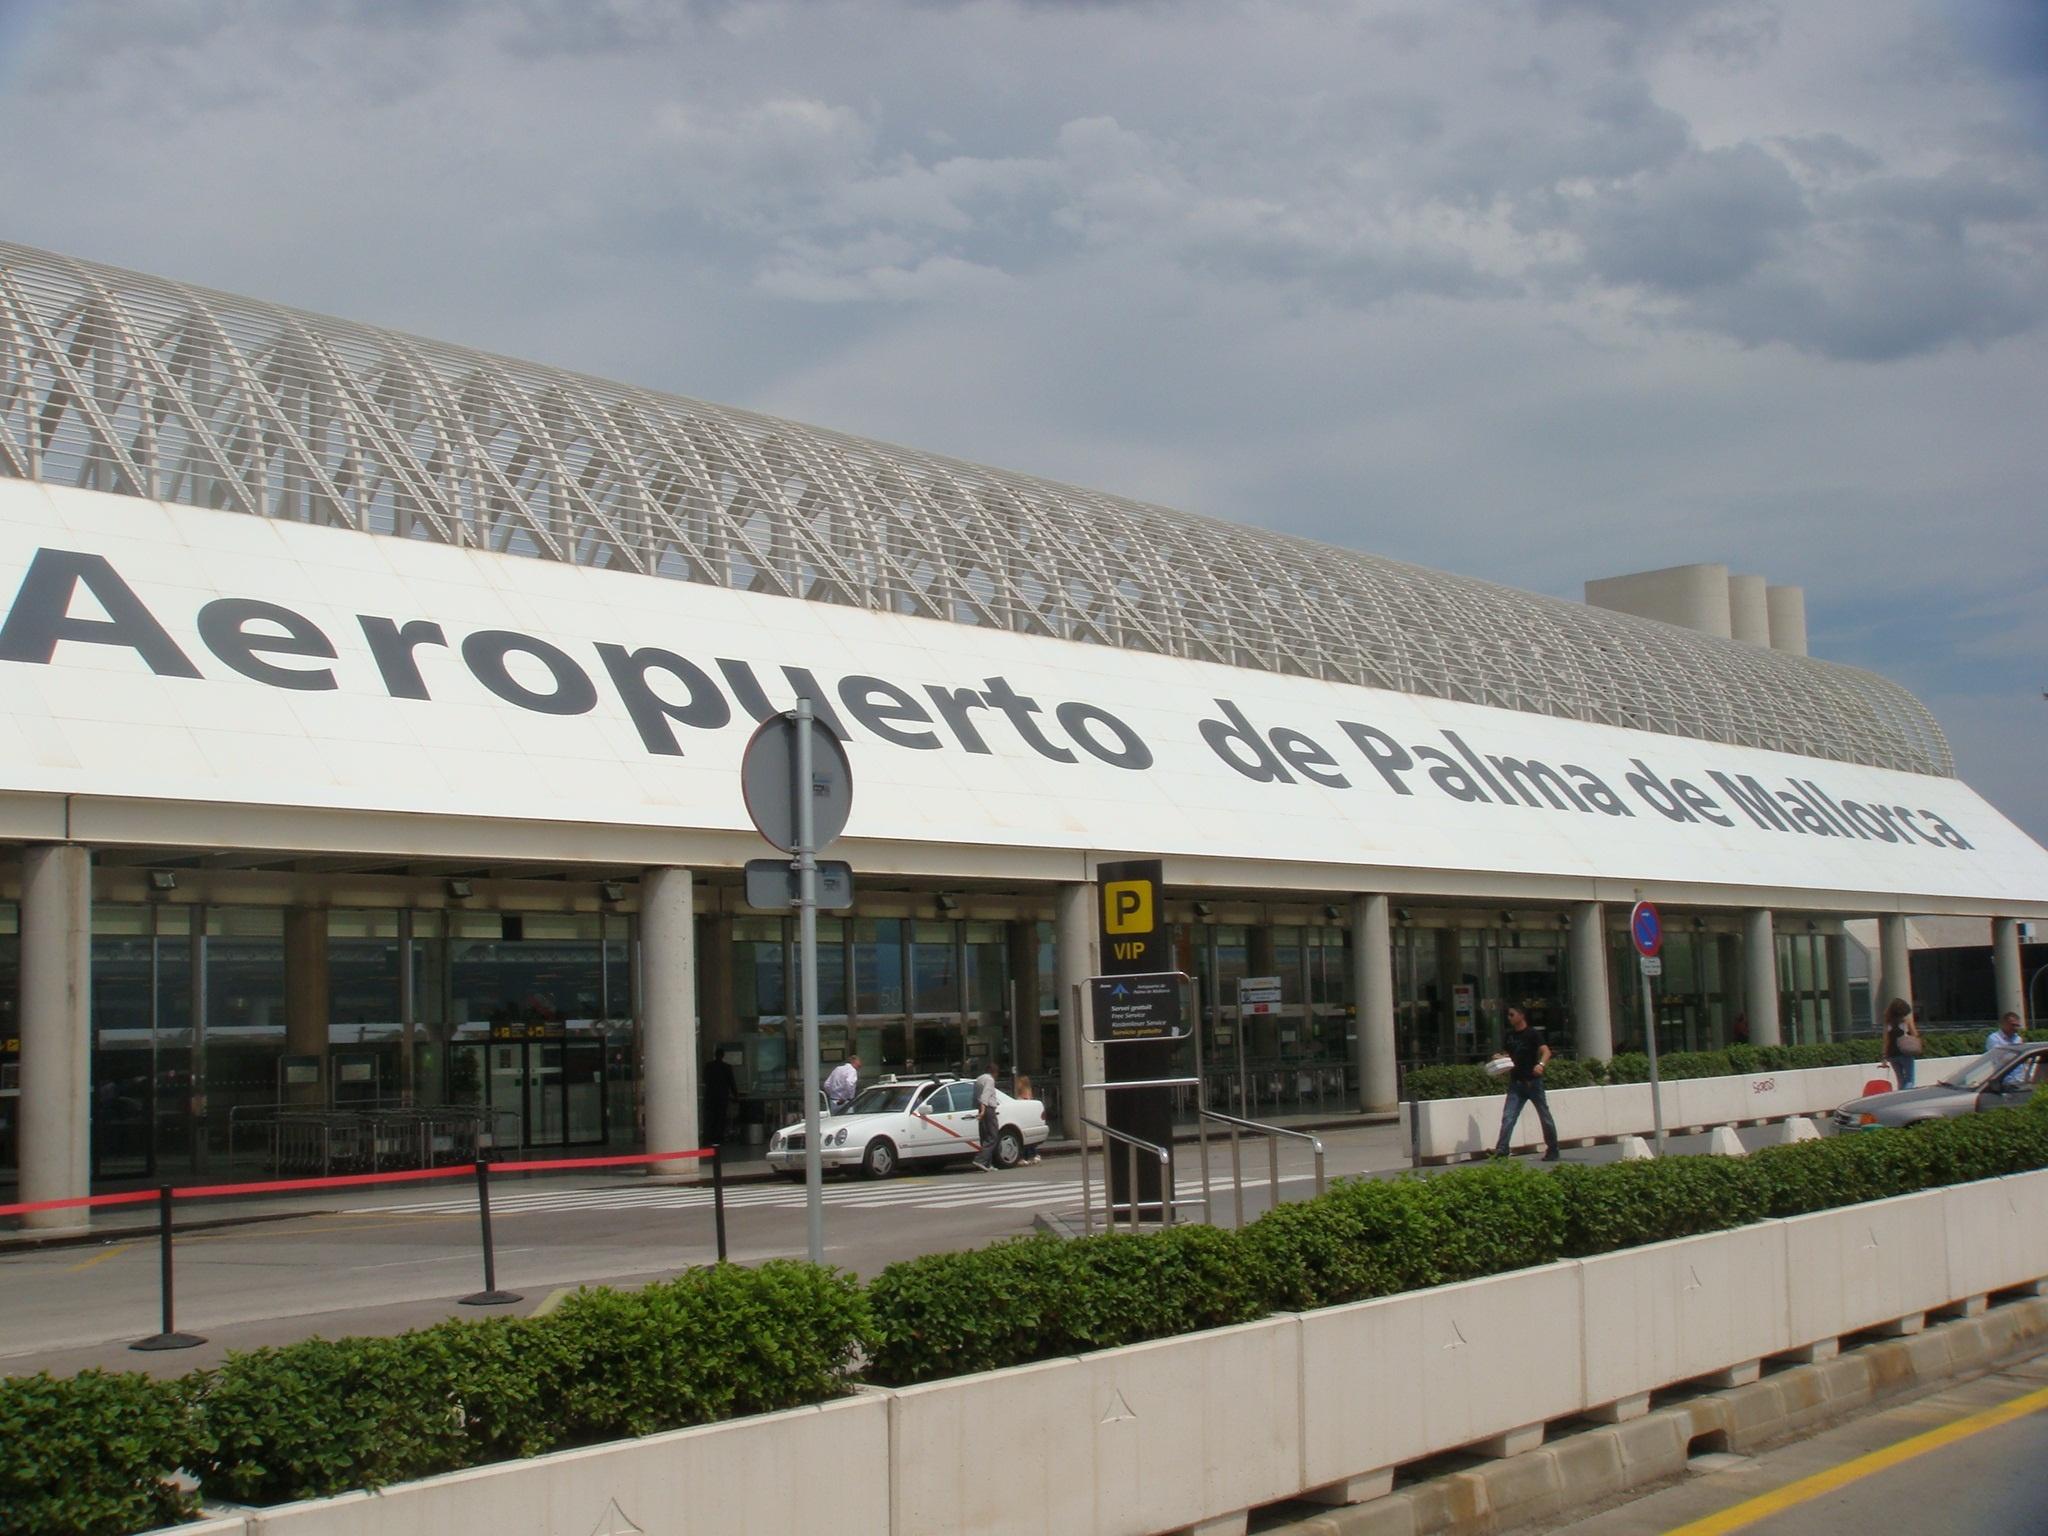 El Aeropuerto de Menorca dispone 15 minutos gratis de conexión a Internet vía wifi para los usuarios y pasajeros